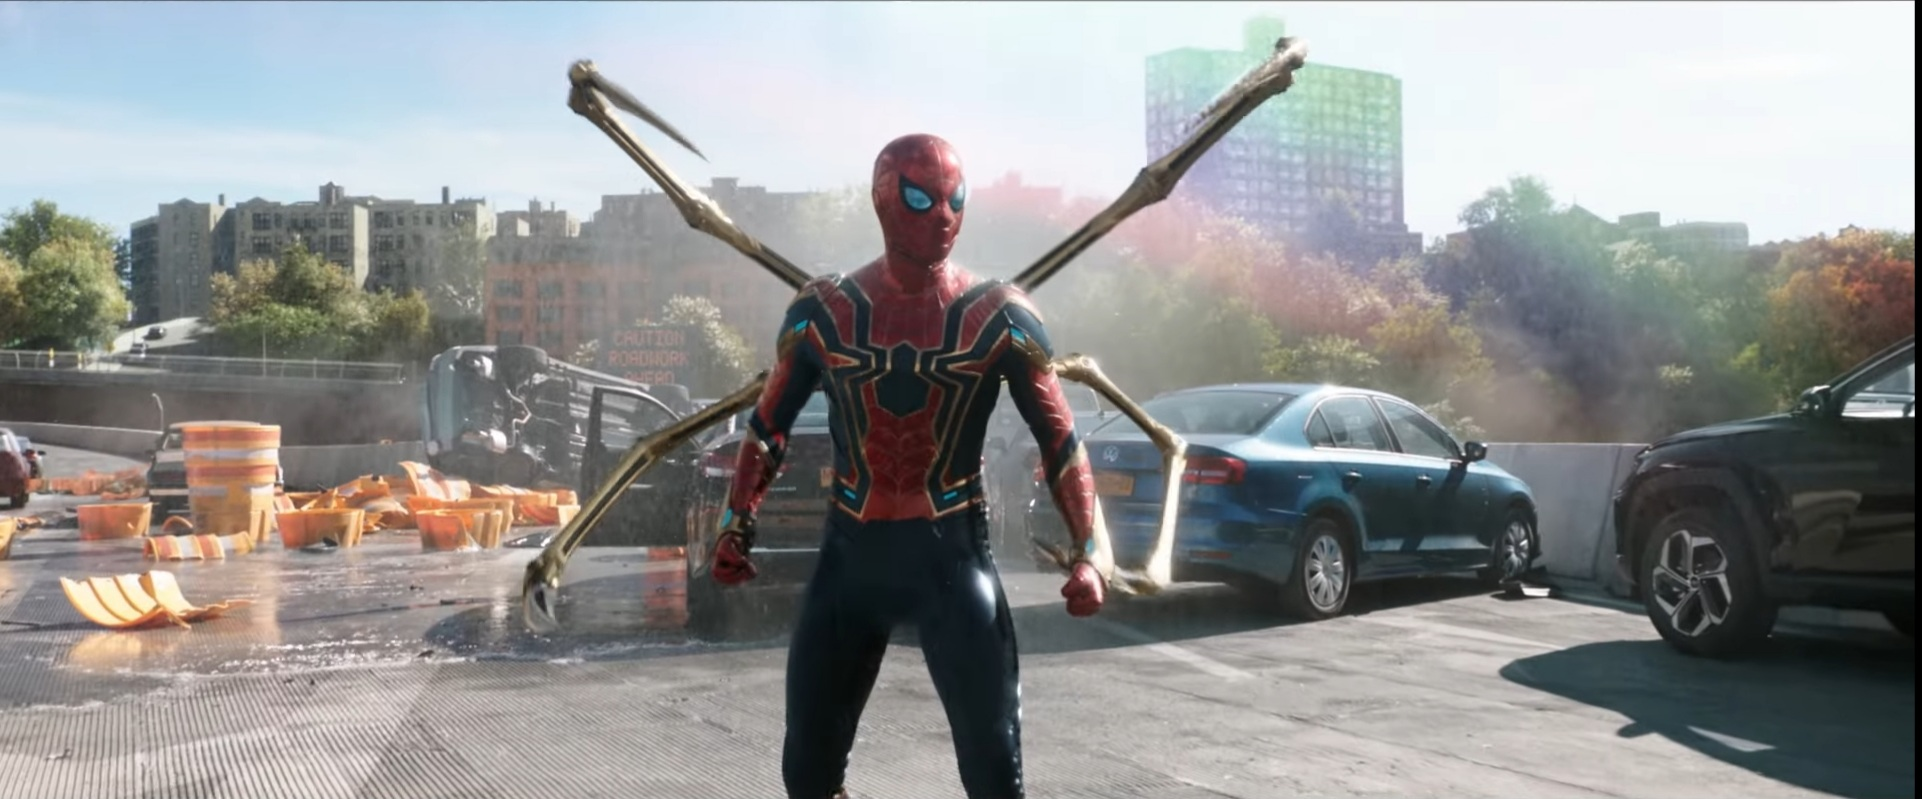 Spider-Man No Way Home Trailer Debuts